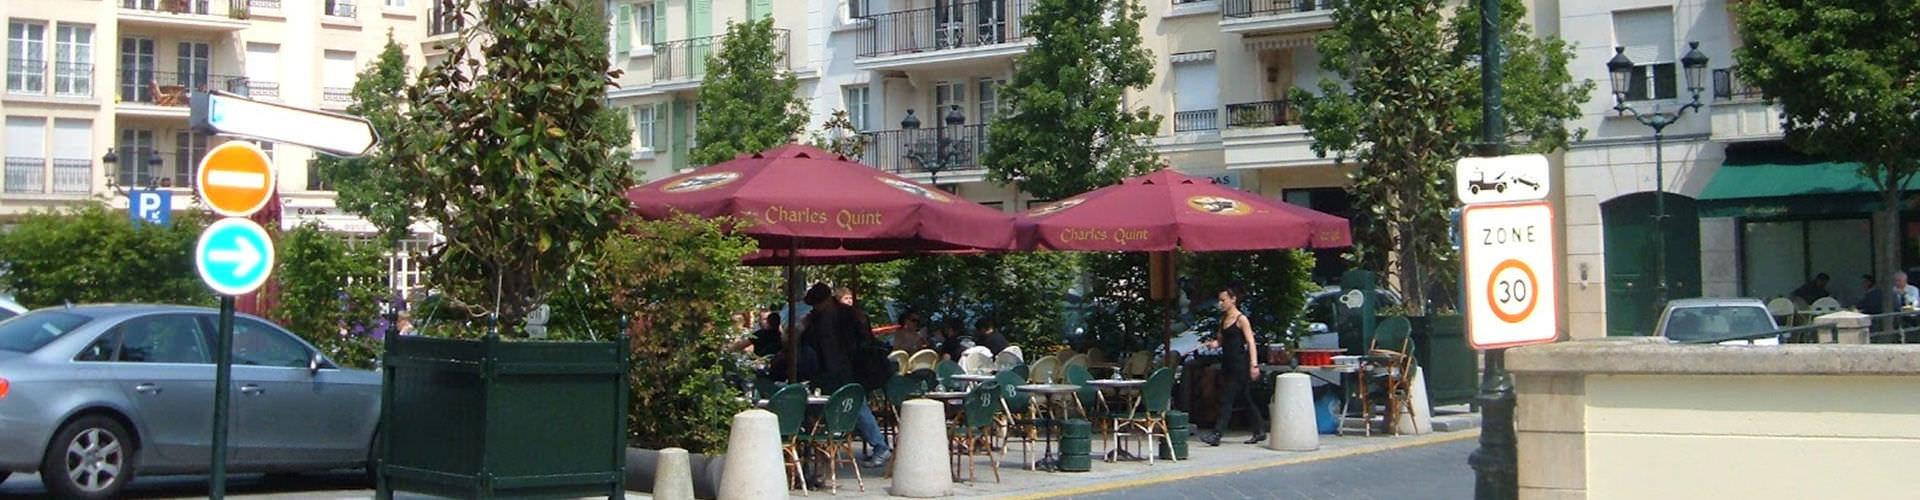 尼斯 – Coeur de Ville区的青年旅舍。尼斯地图,尼斯每间青年旅舍的照片和评价。